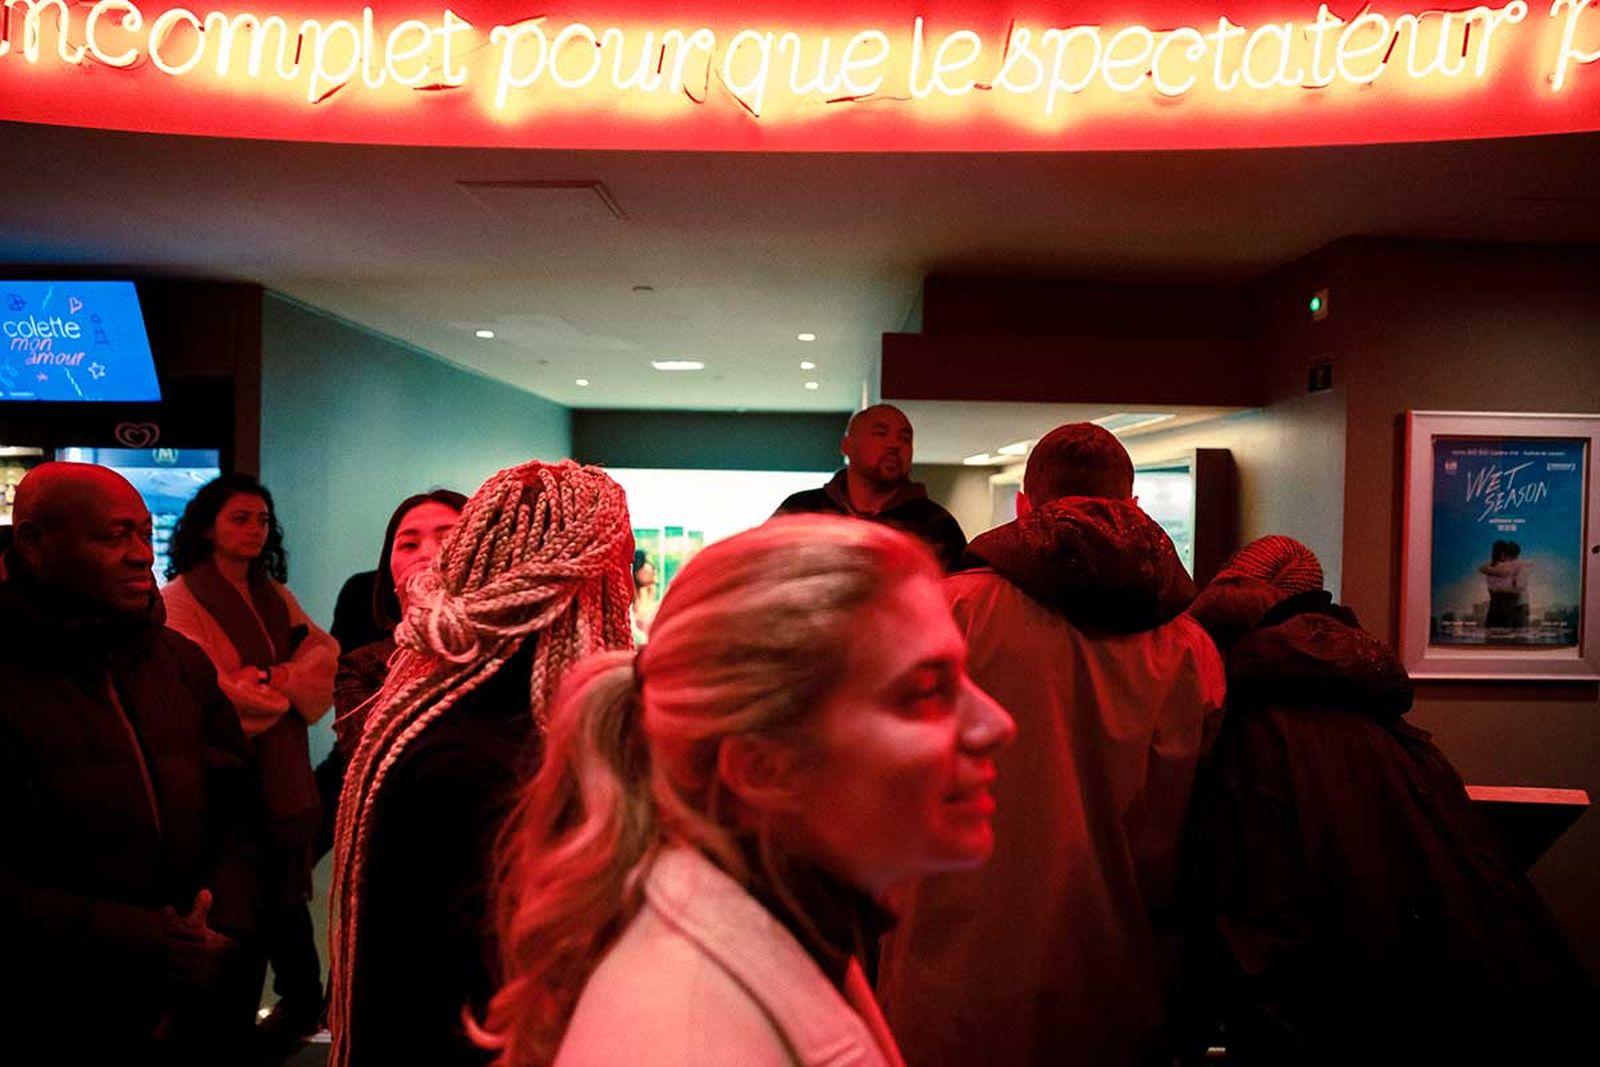 colette-paris-screening-recap-11